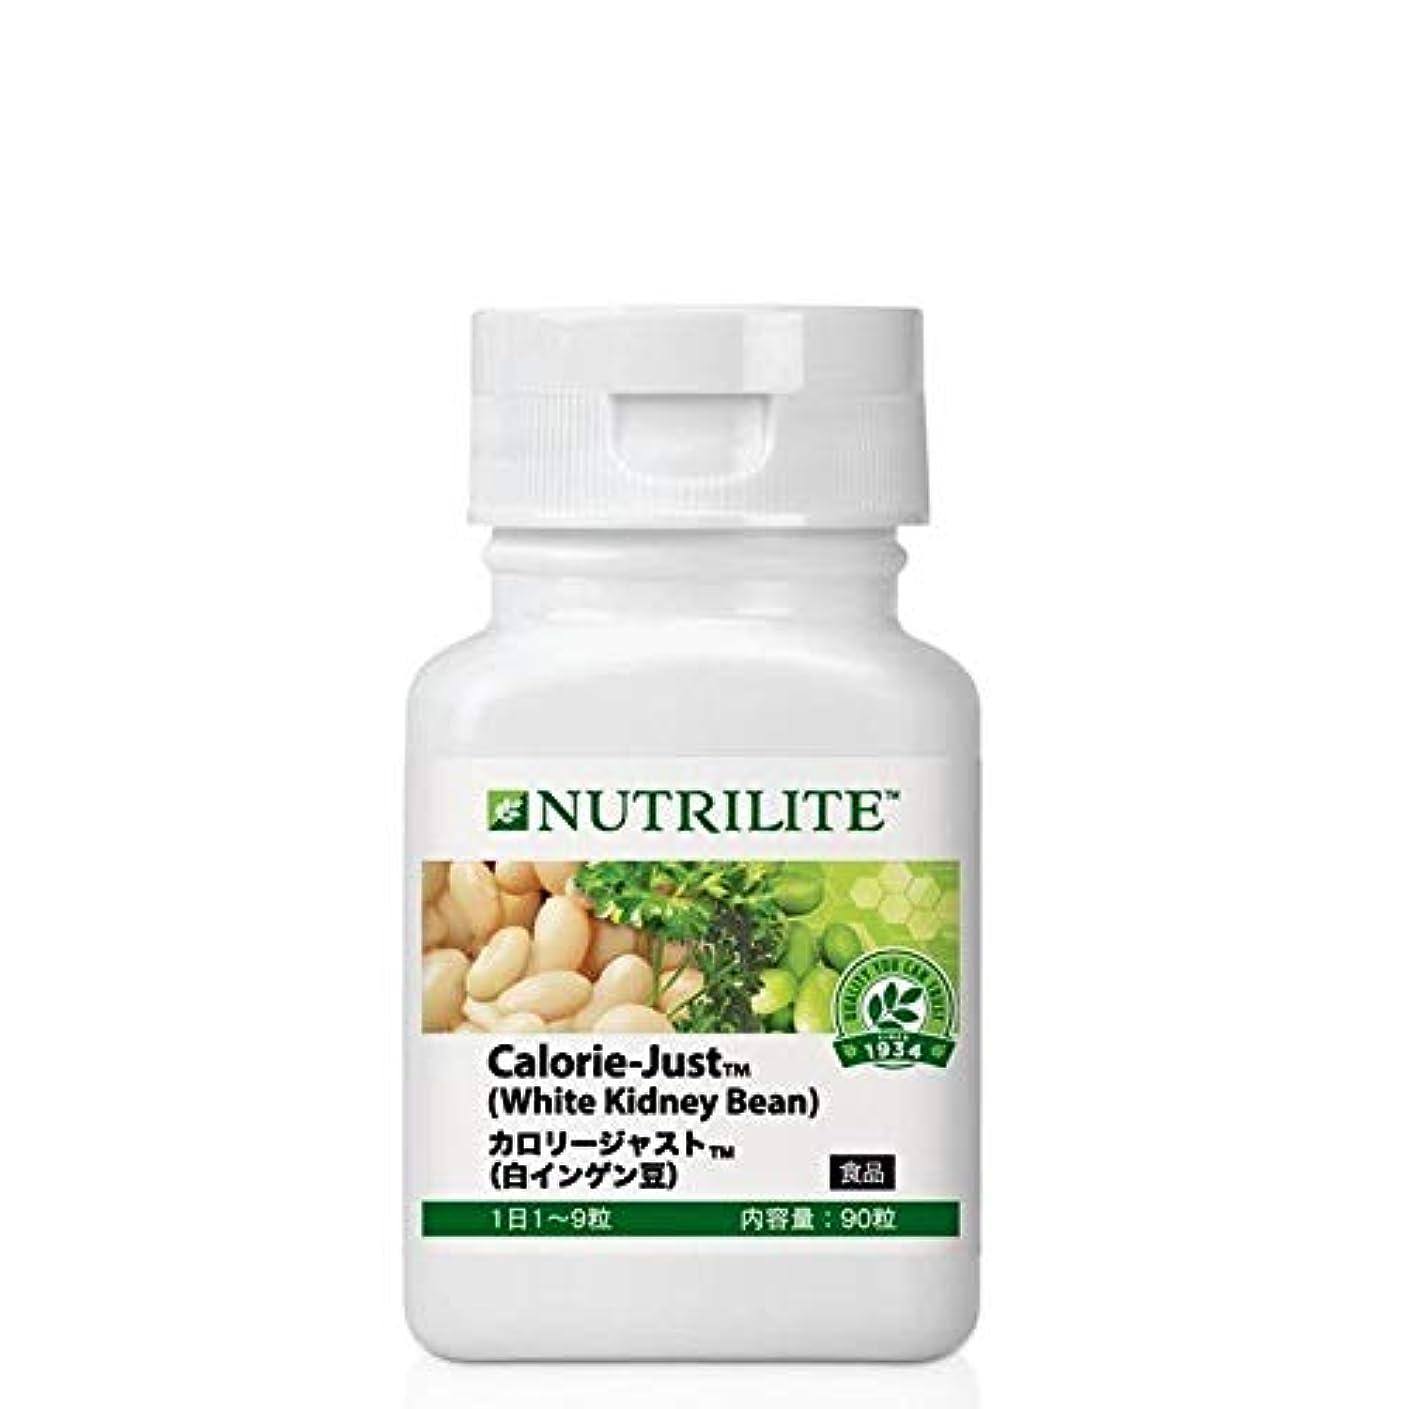 強制的見捨てられた含むアムウェイ カロリージャスト (白インゲン豆) 90粒